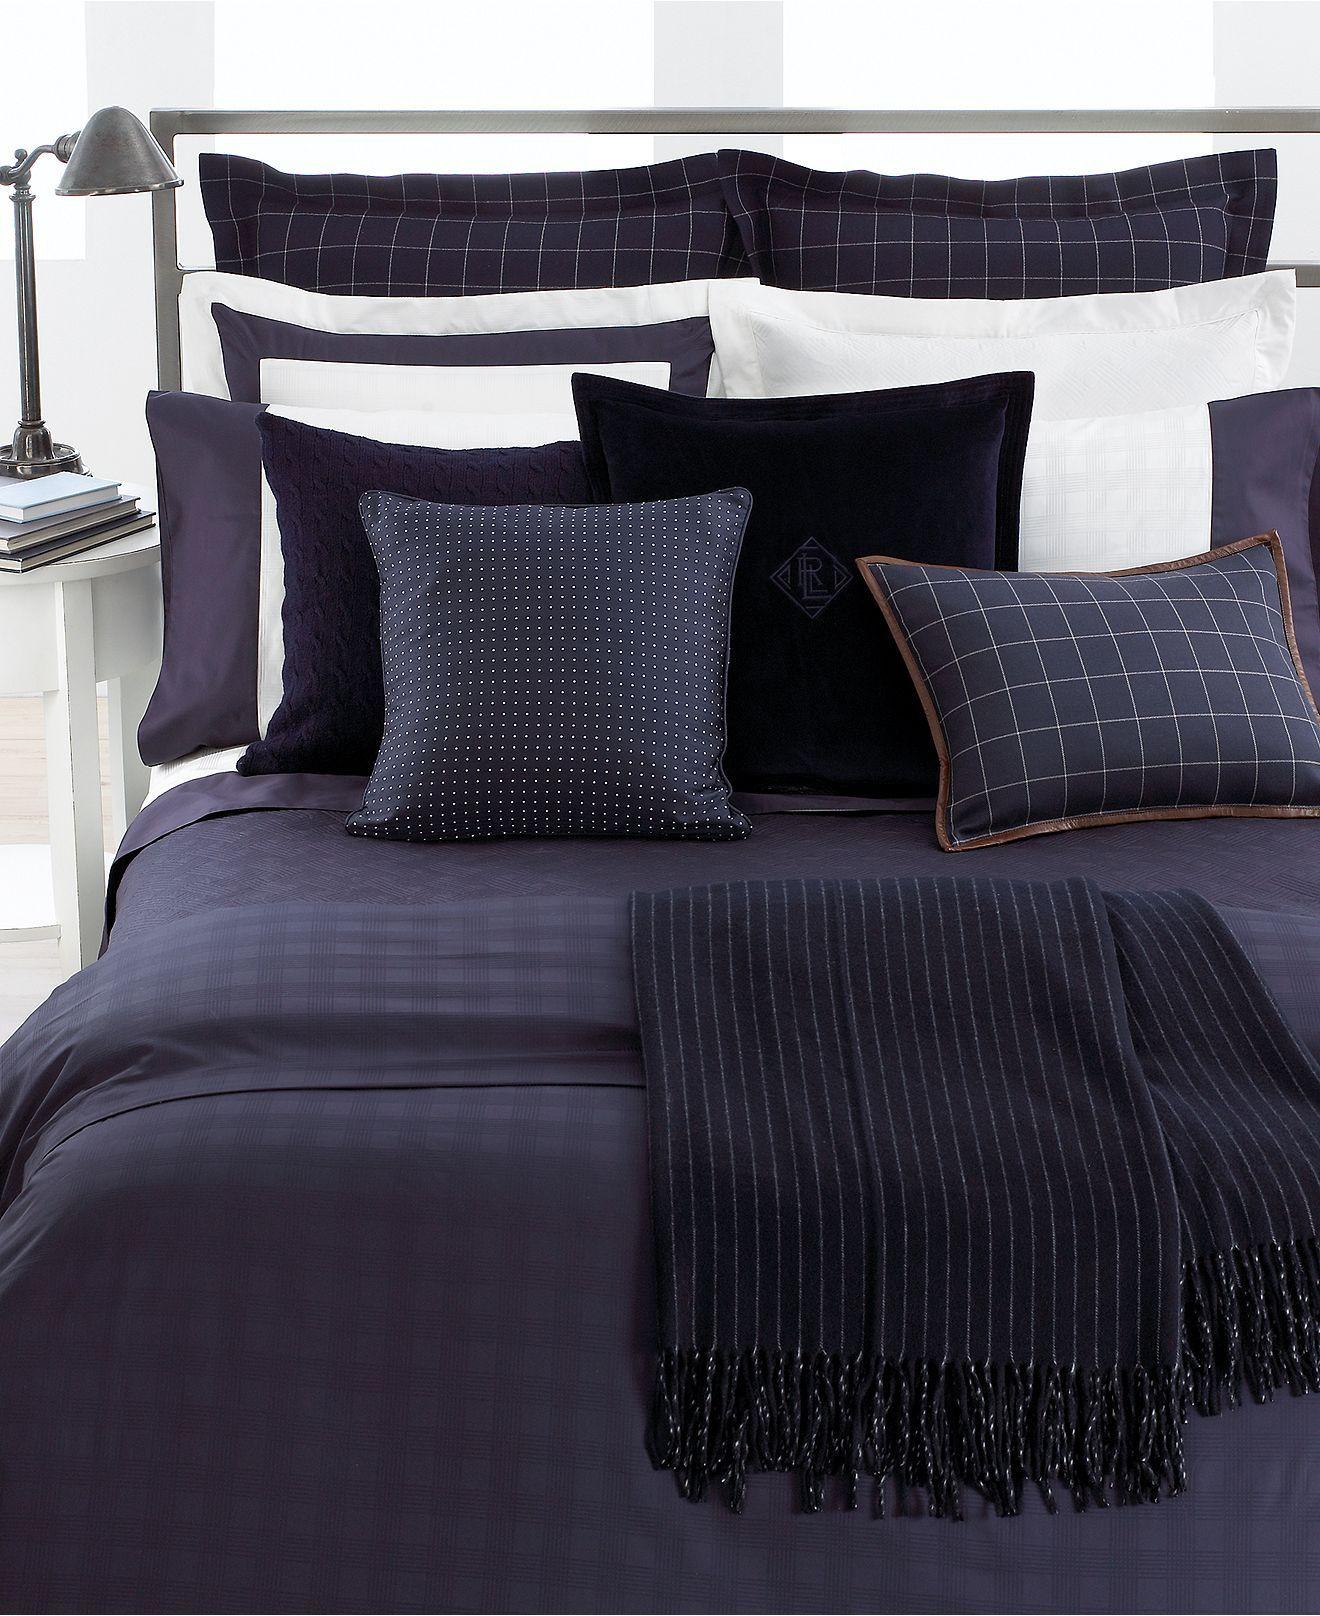 Lauren Ralph Lauren Bedding Navy Glen Plaid Suite Collection Bedding Collections Bed & Bath Macy s